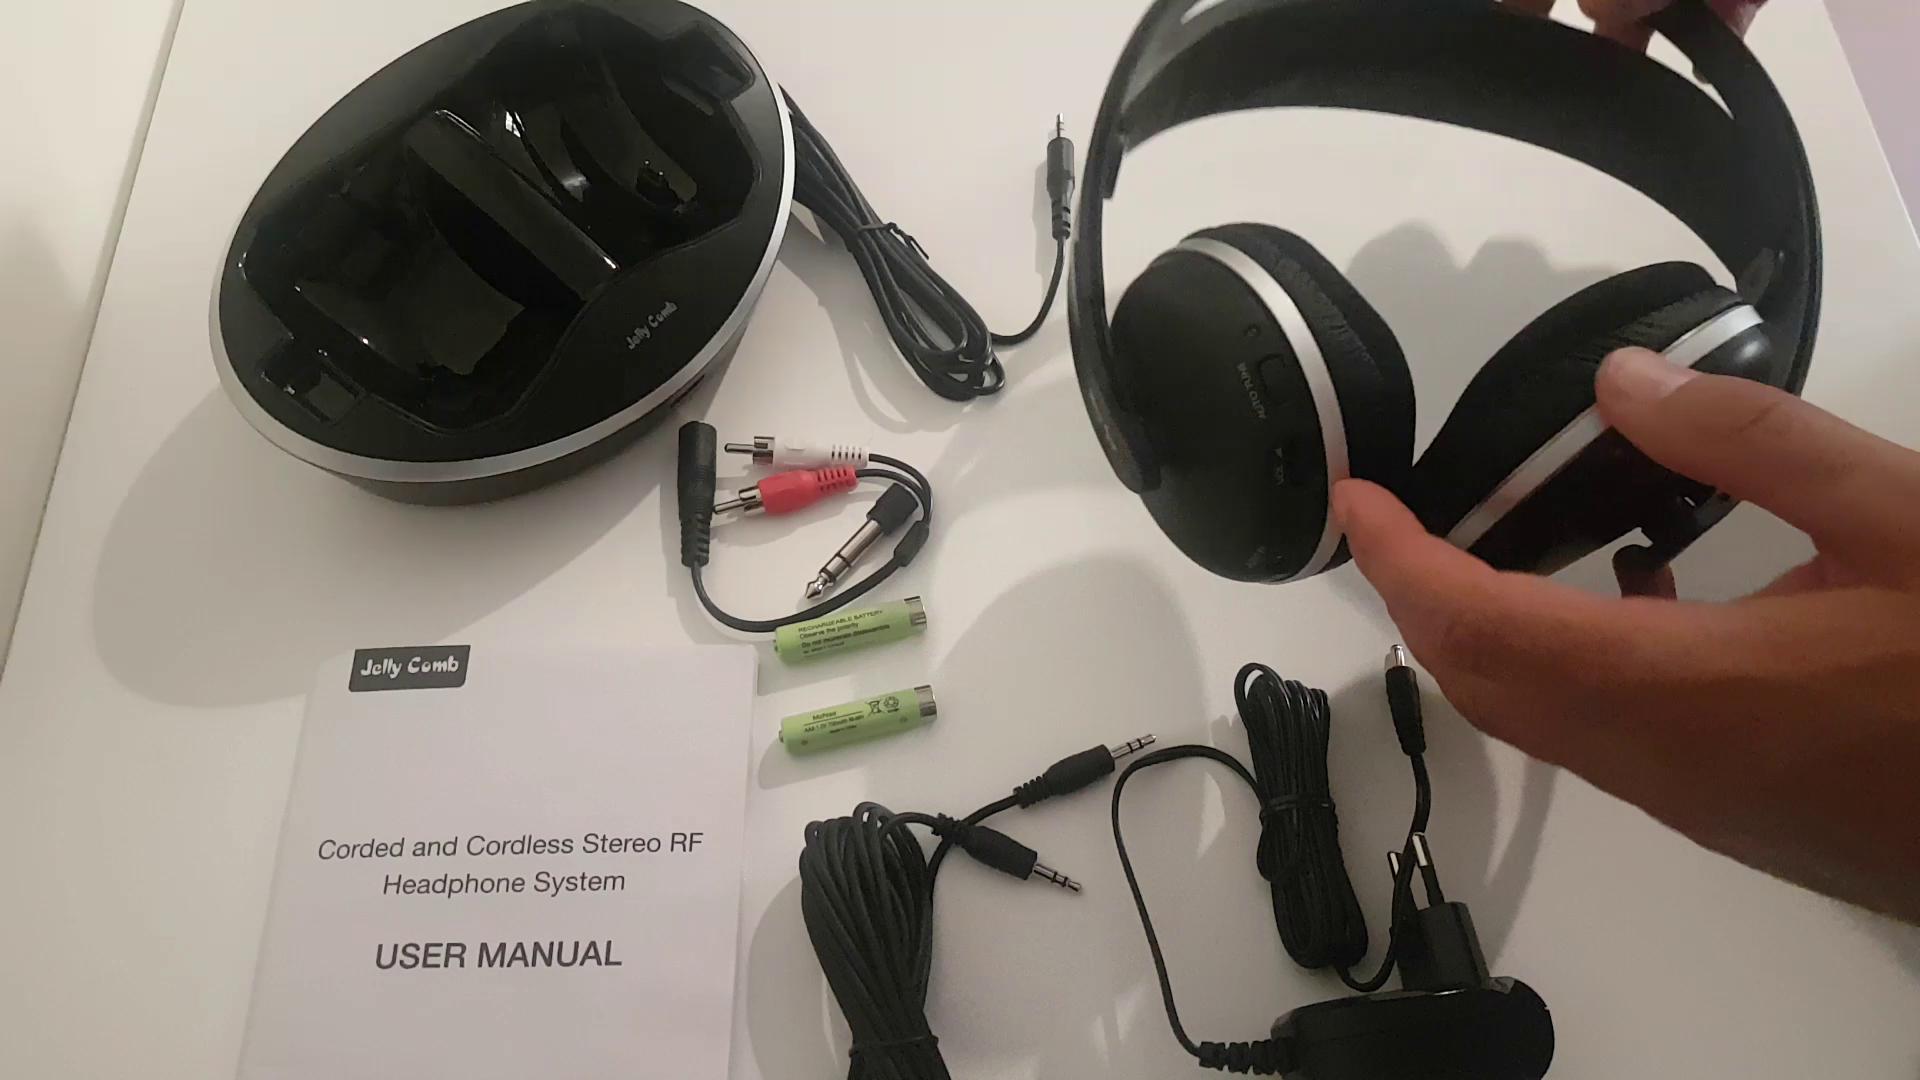 Amazon.es:Opiniones de clientes: Jelly Comb Inalámbricos Auriculares de Diadema Estéreo Reducción del Ruido con Cargador Base, Control de Volumen para Móvil ...